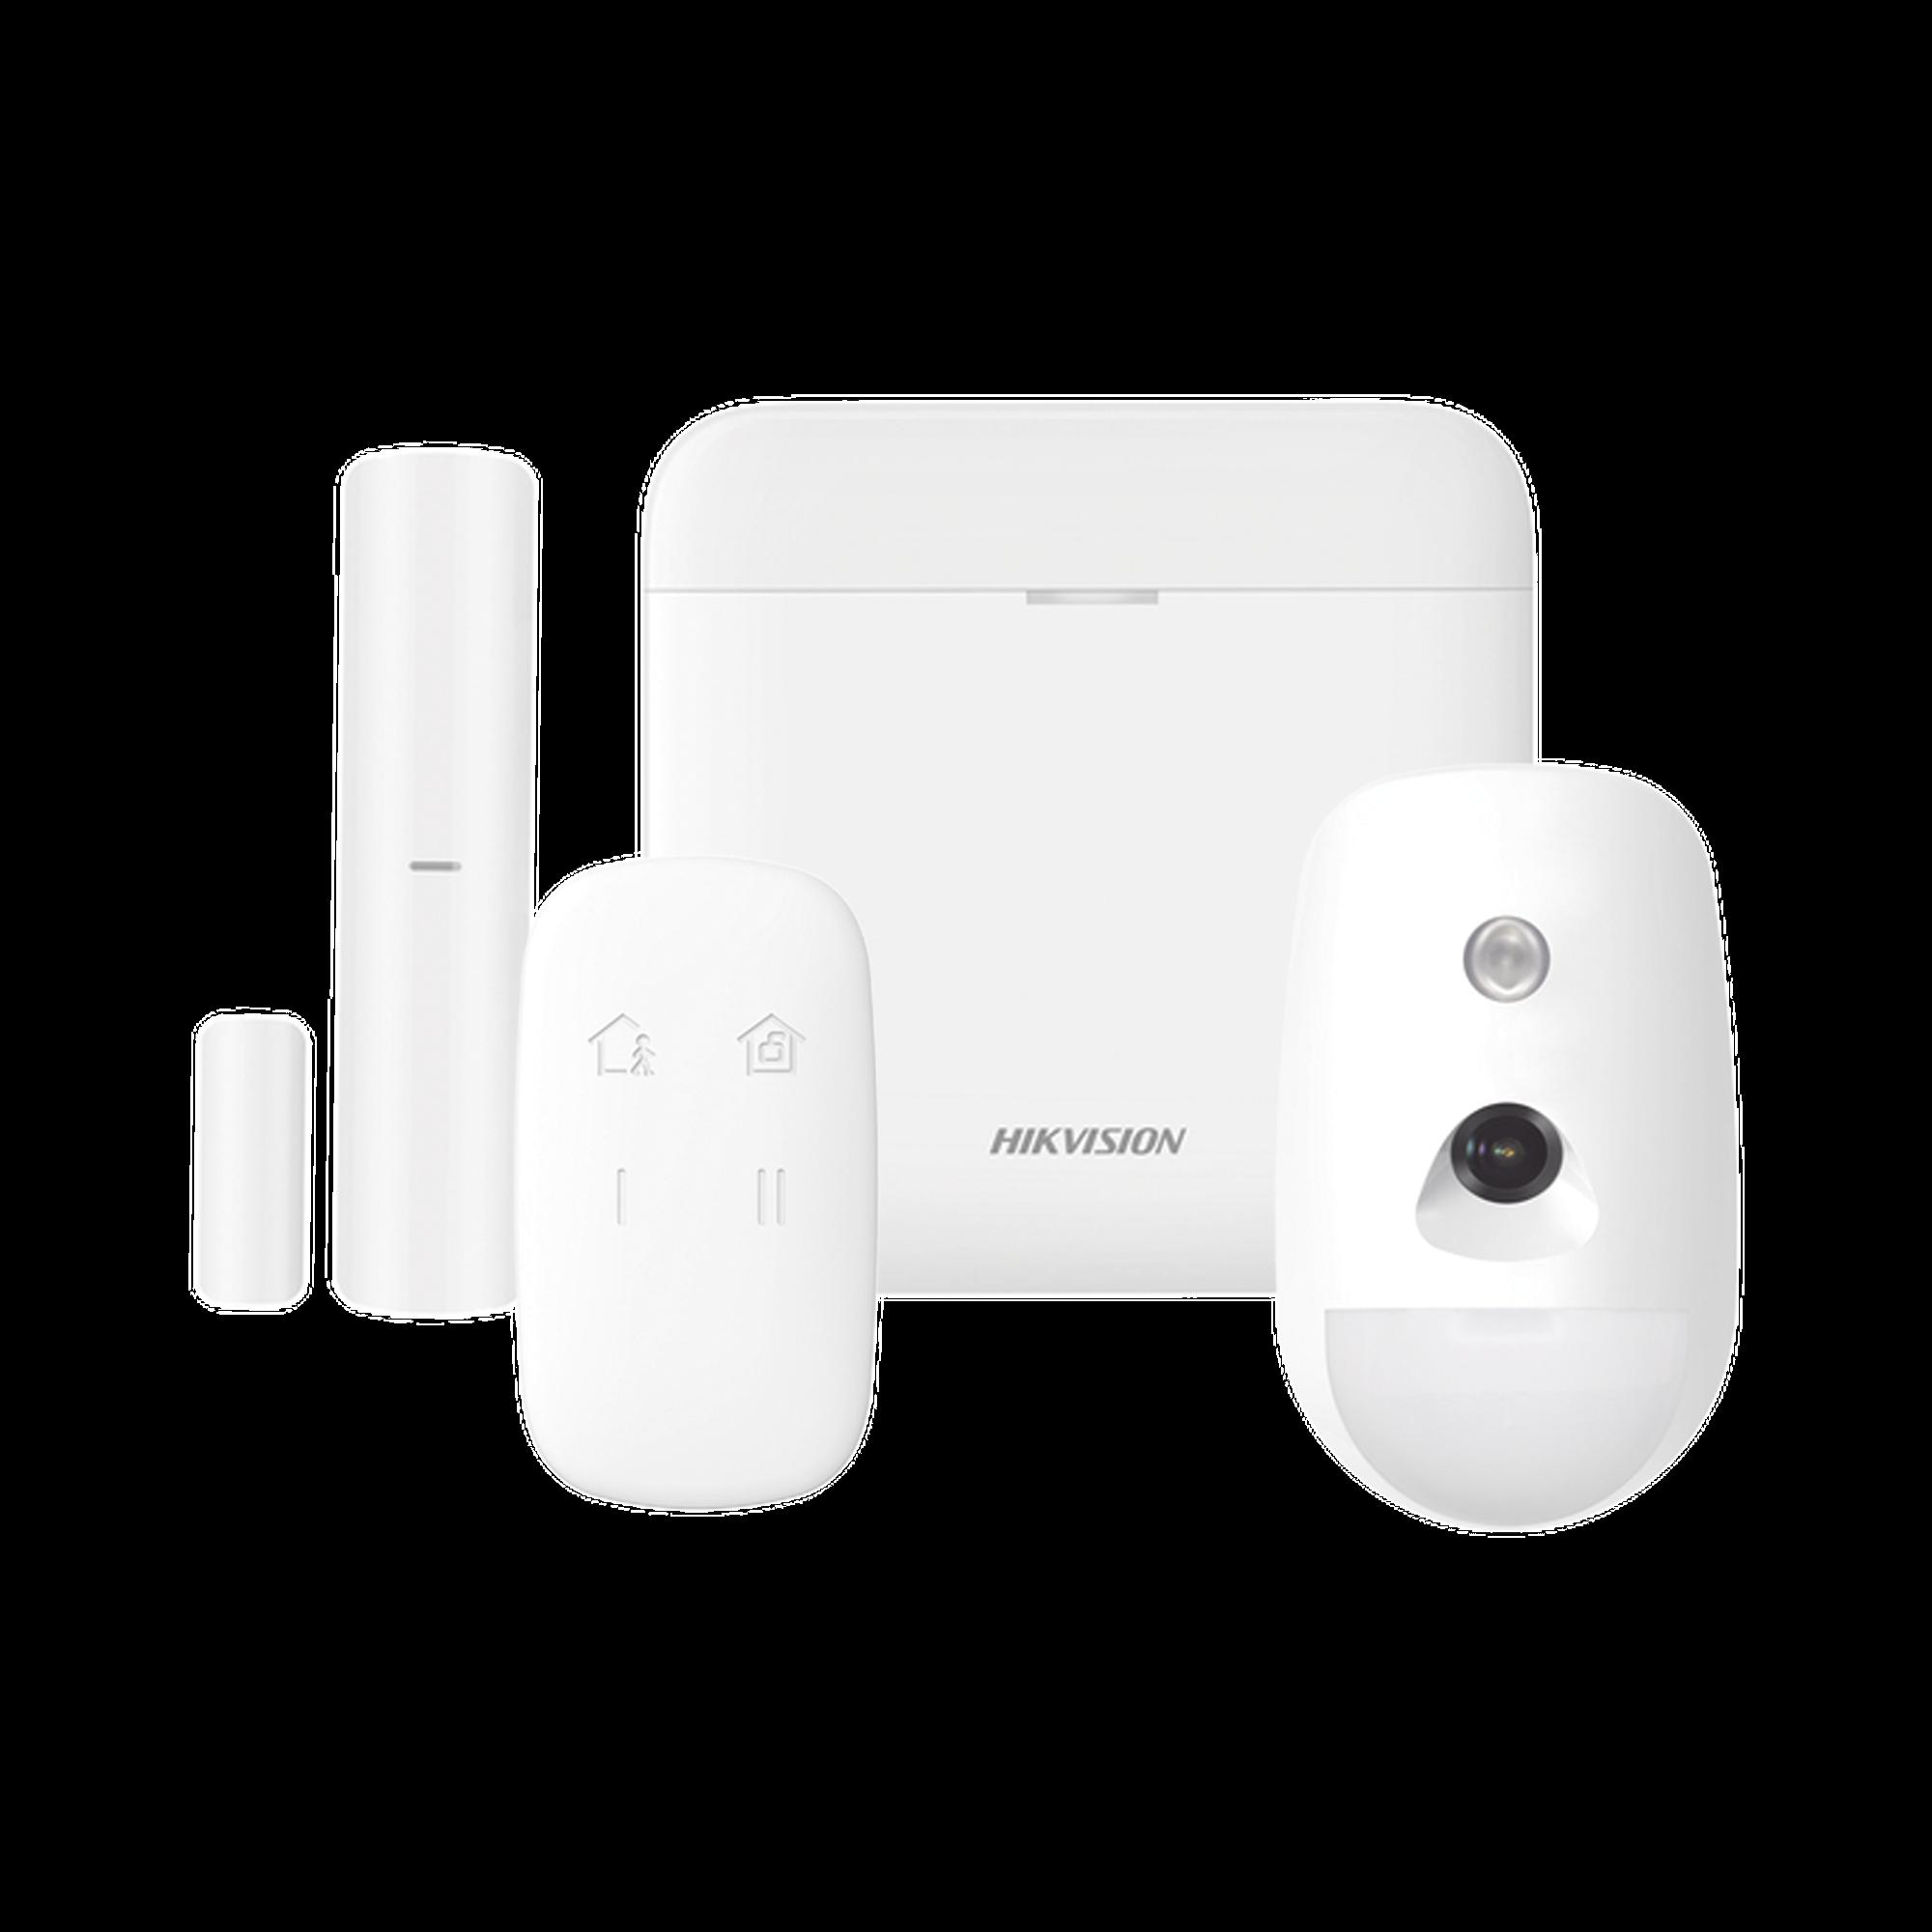 (AX PRO) KIT de Alarma AX PRO / Incluye: 1 Hub / 1 Sensor PIR con Cámara / 1 Contacto Magnético / 1 Control Remoto / WiFi / Compatible con Hik-Connect P2P